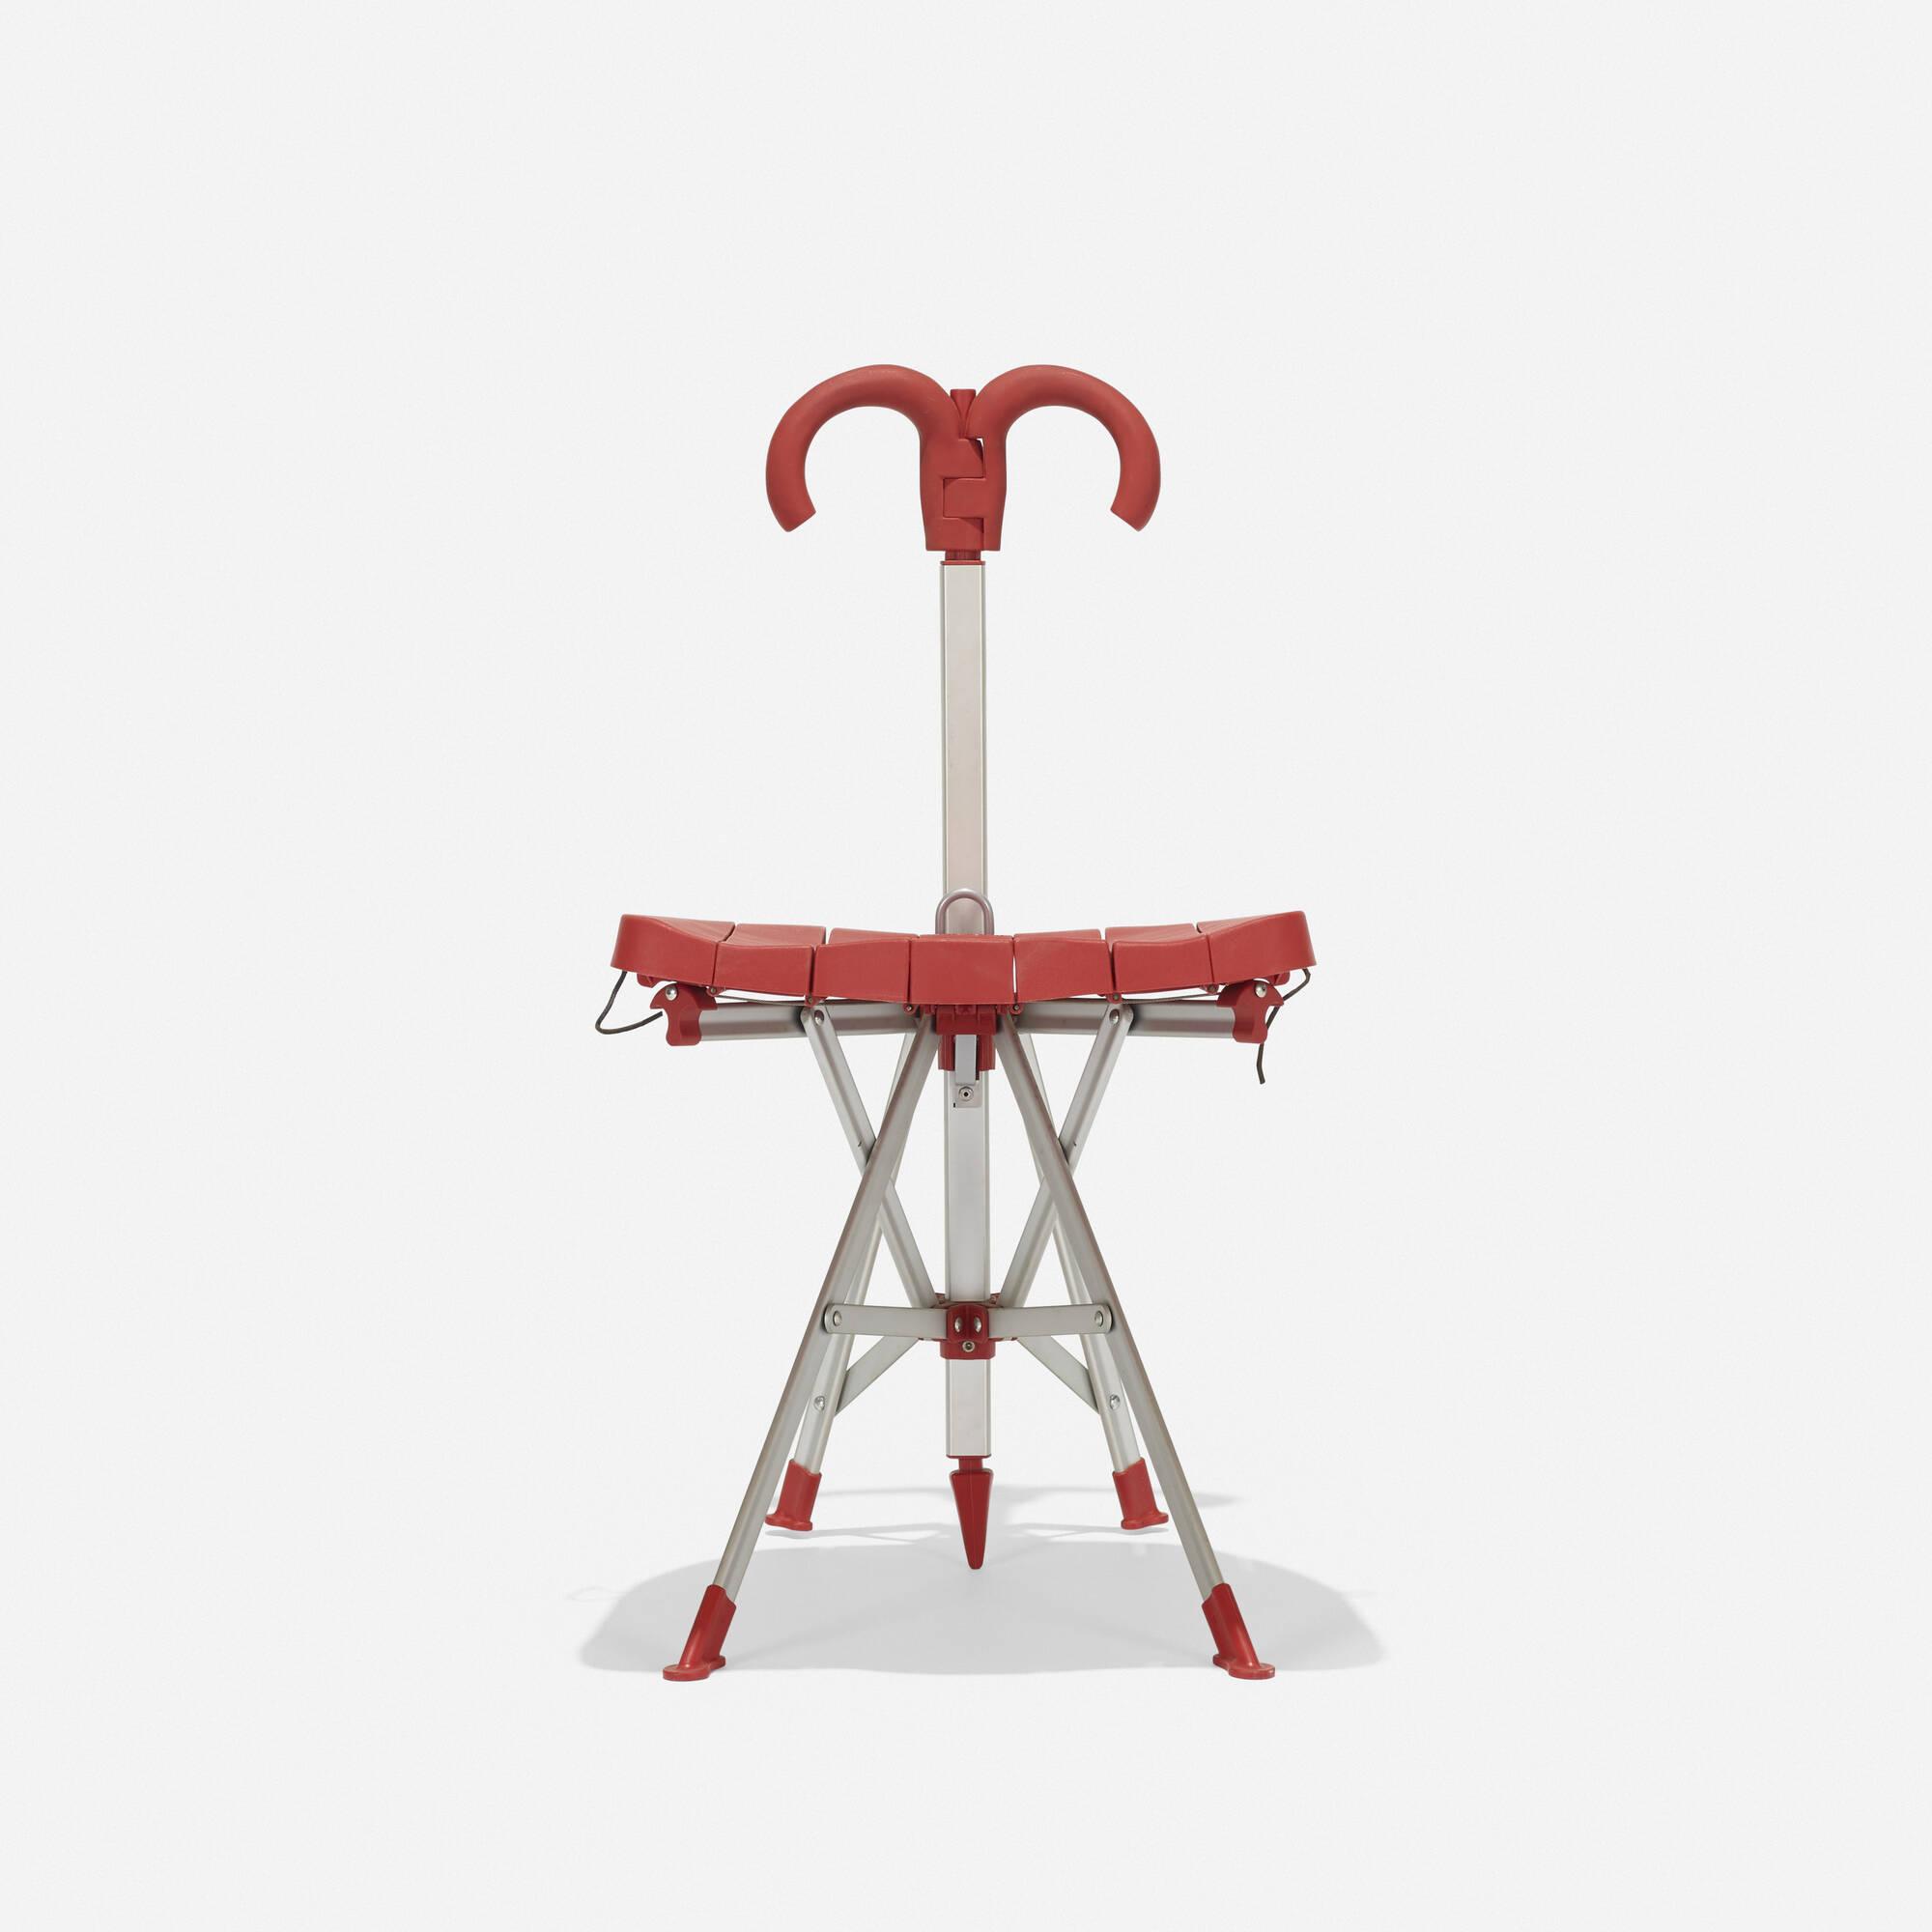 345: Gaetano Pesce / Umbrella chair (1 of 3)